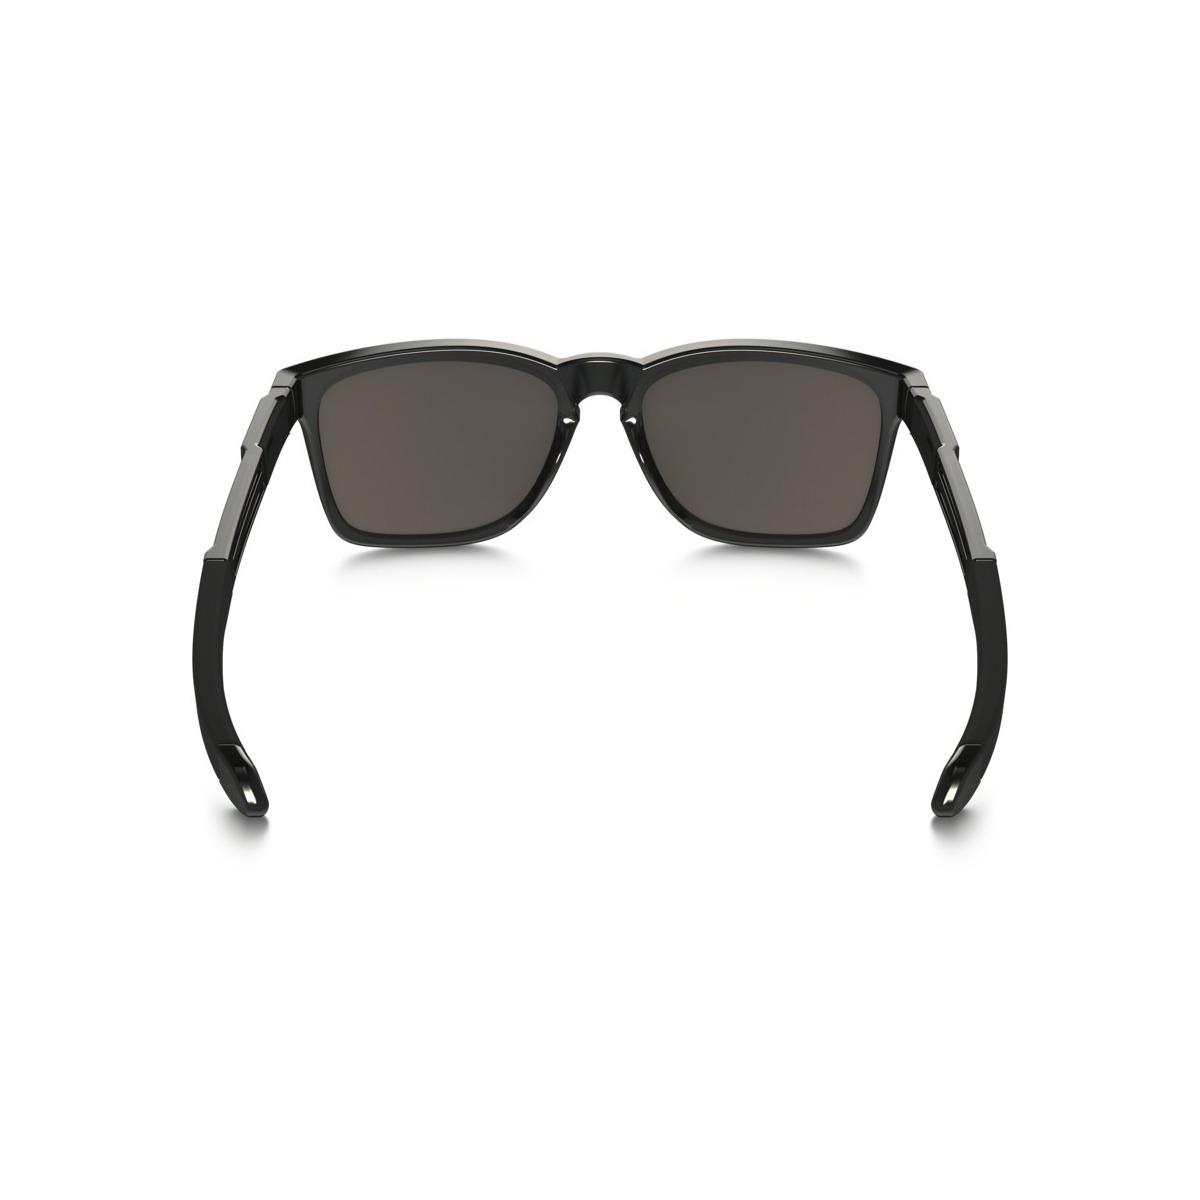 d009a37742be7 Óculos Oakley Catalyst Black Ink lente Warm Grey - R  509